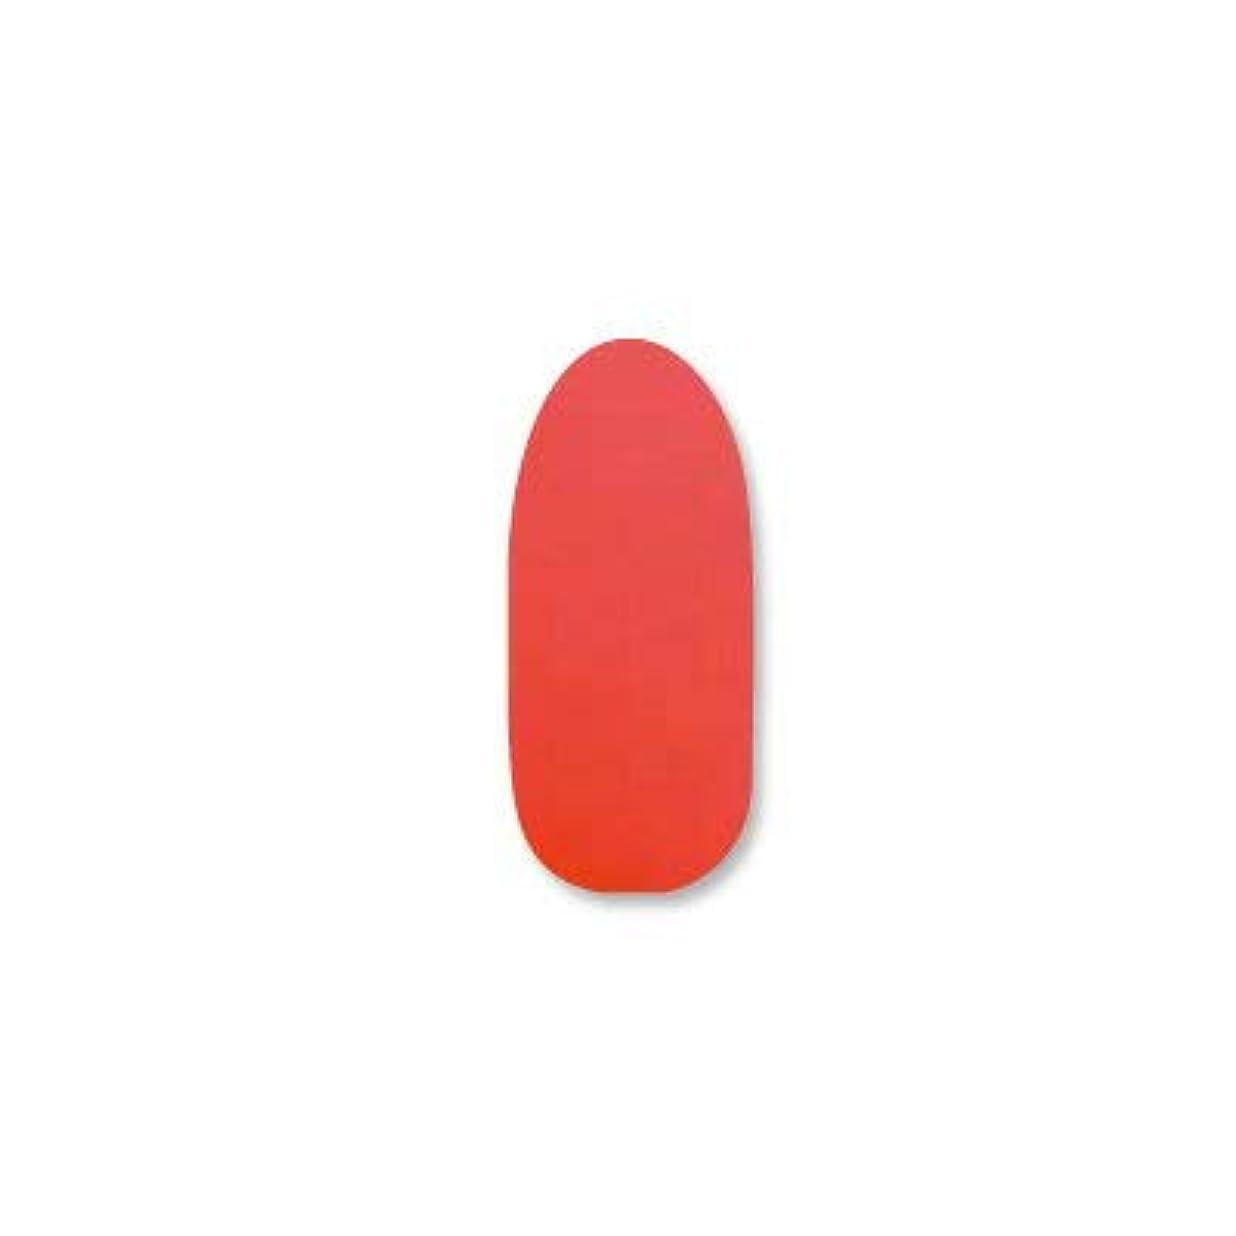 部分的に押し下げるパイルT-GEL COLLECTION カラージェル D046 ルミナスレッド 4ml